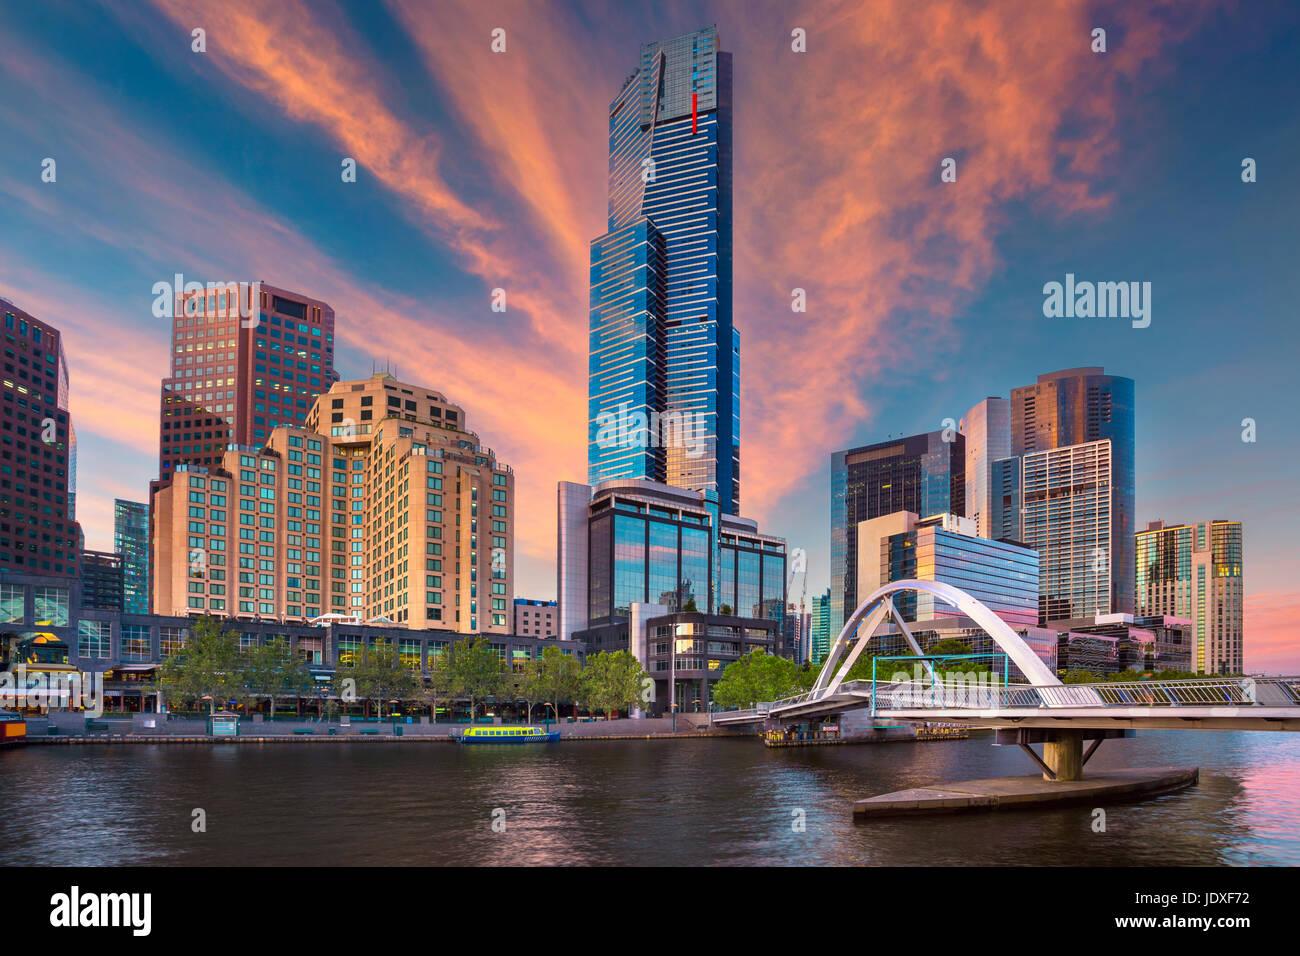 Stadt von Melbourne. Stadtbild Bild von Melbourne während Sommer Sonnenaufgang. Stockbild